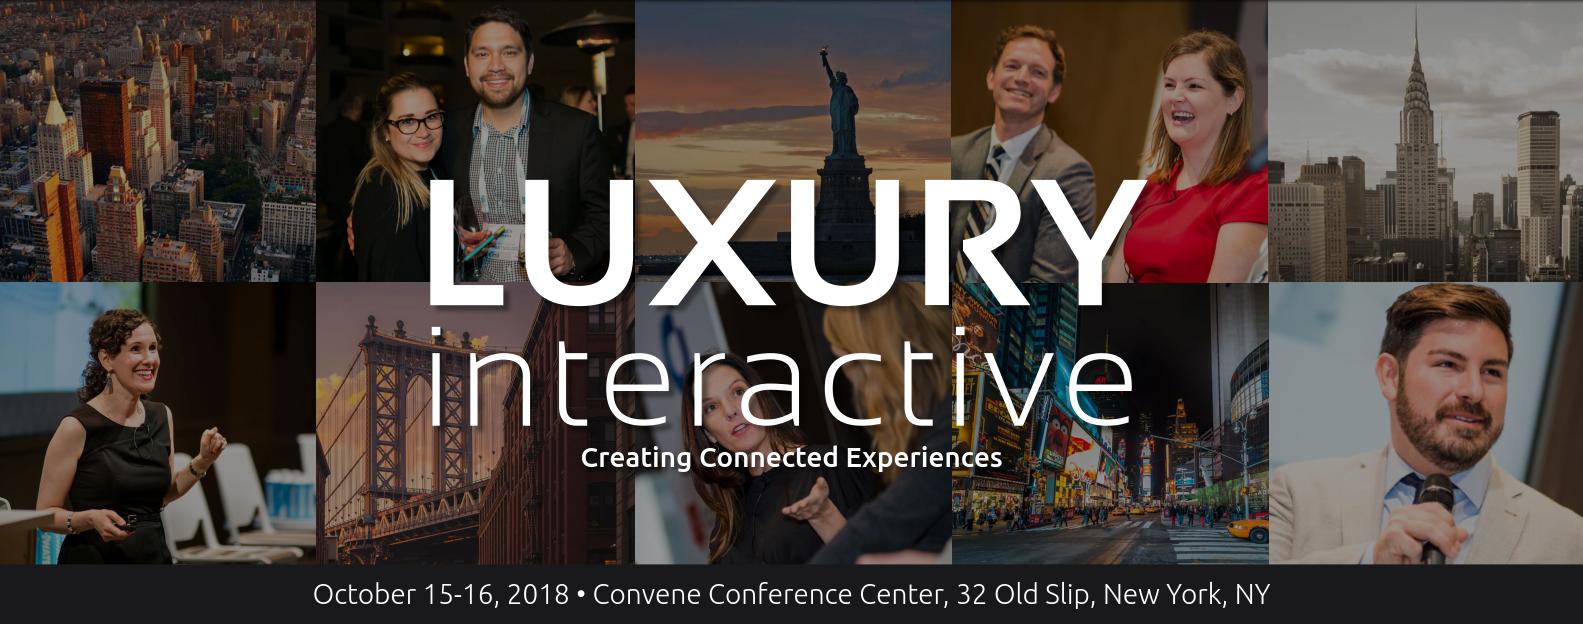 Luxury Interactive 2018 - luxury conferences - new york city conferences - nyc conferences - luxury focused conferences